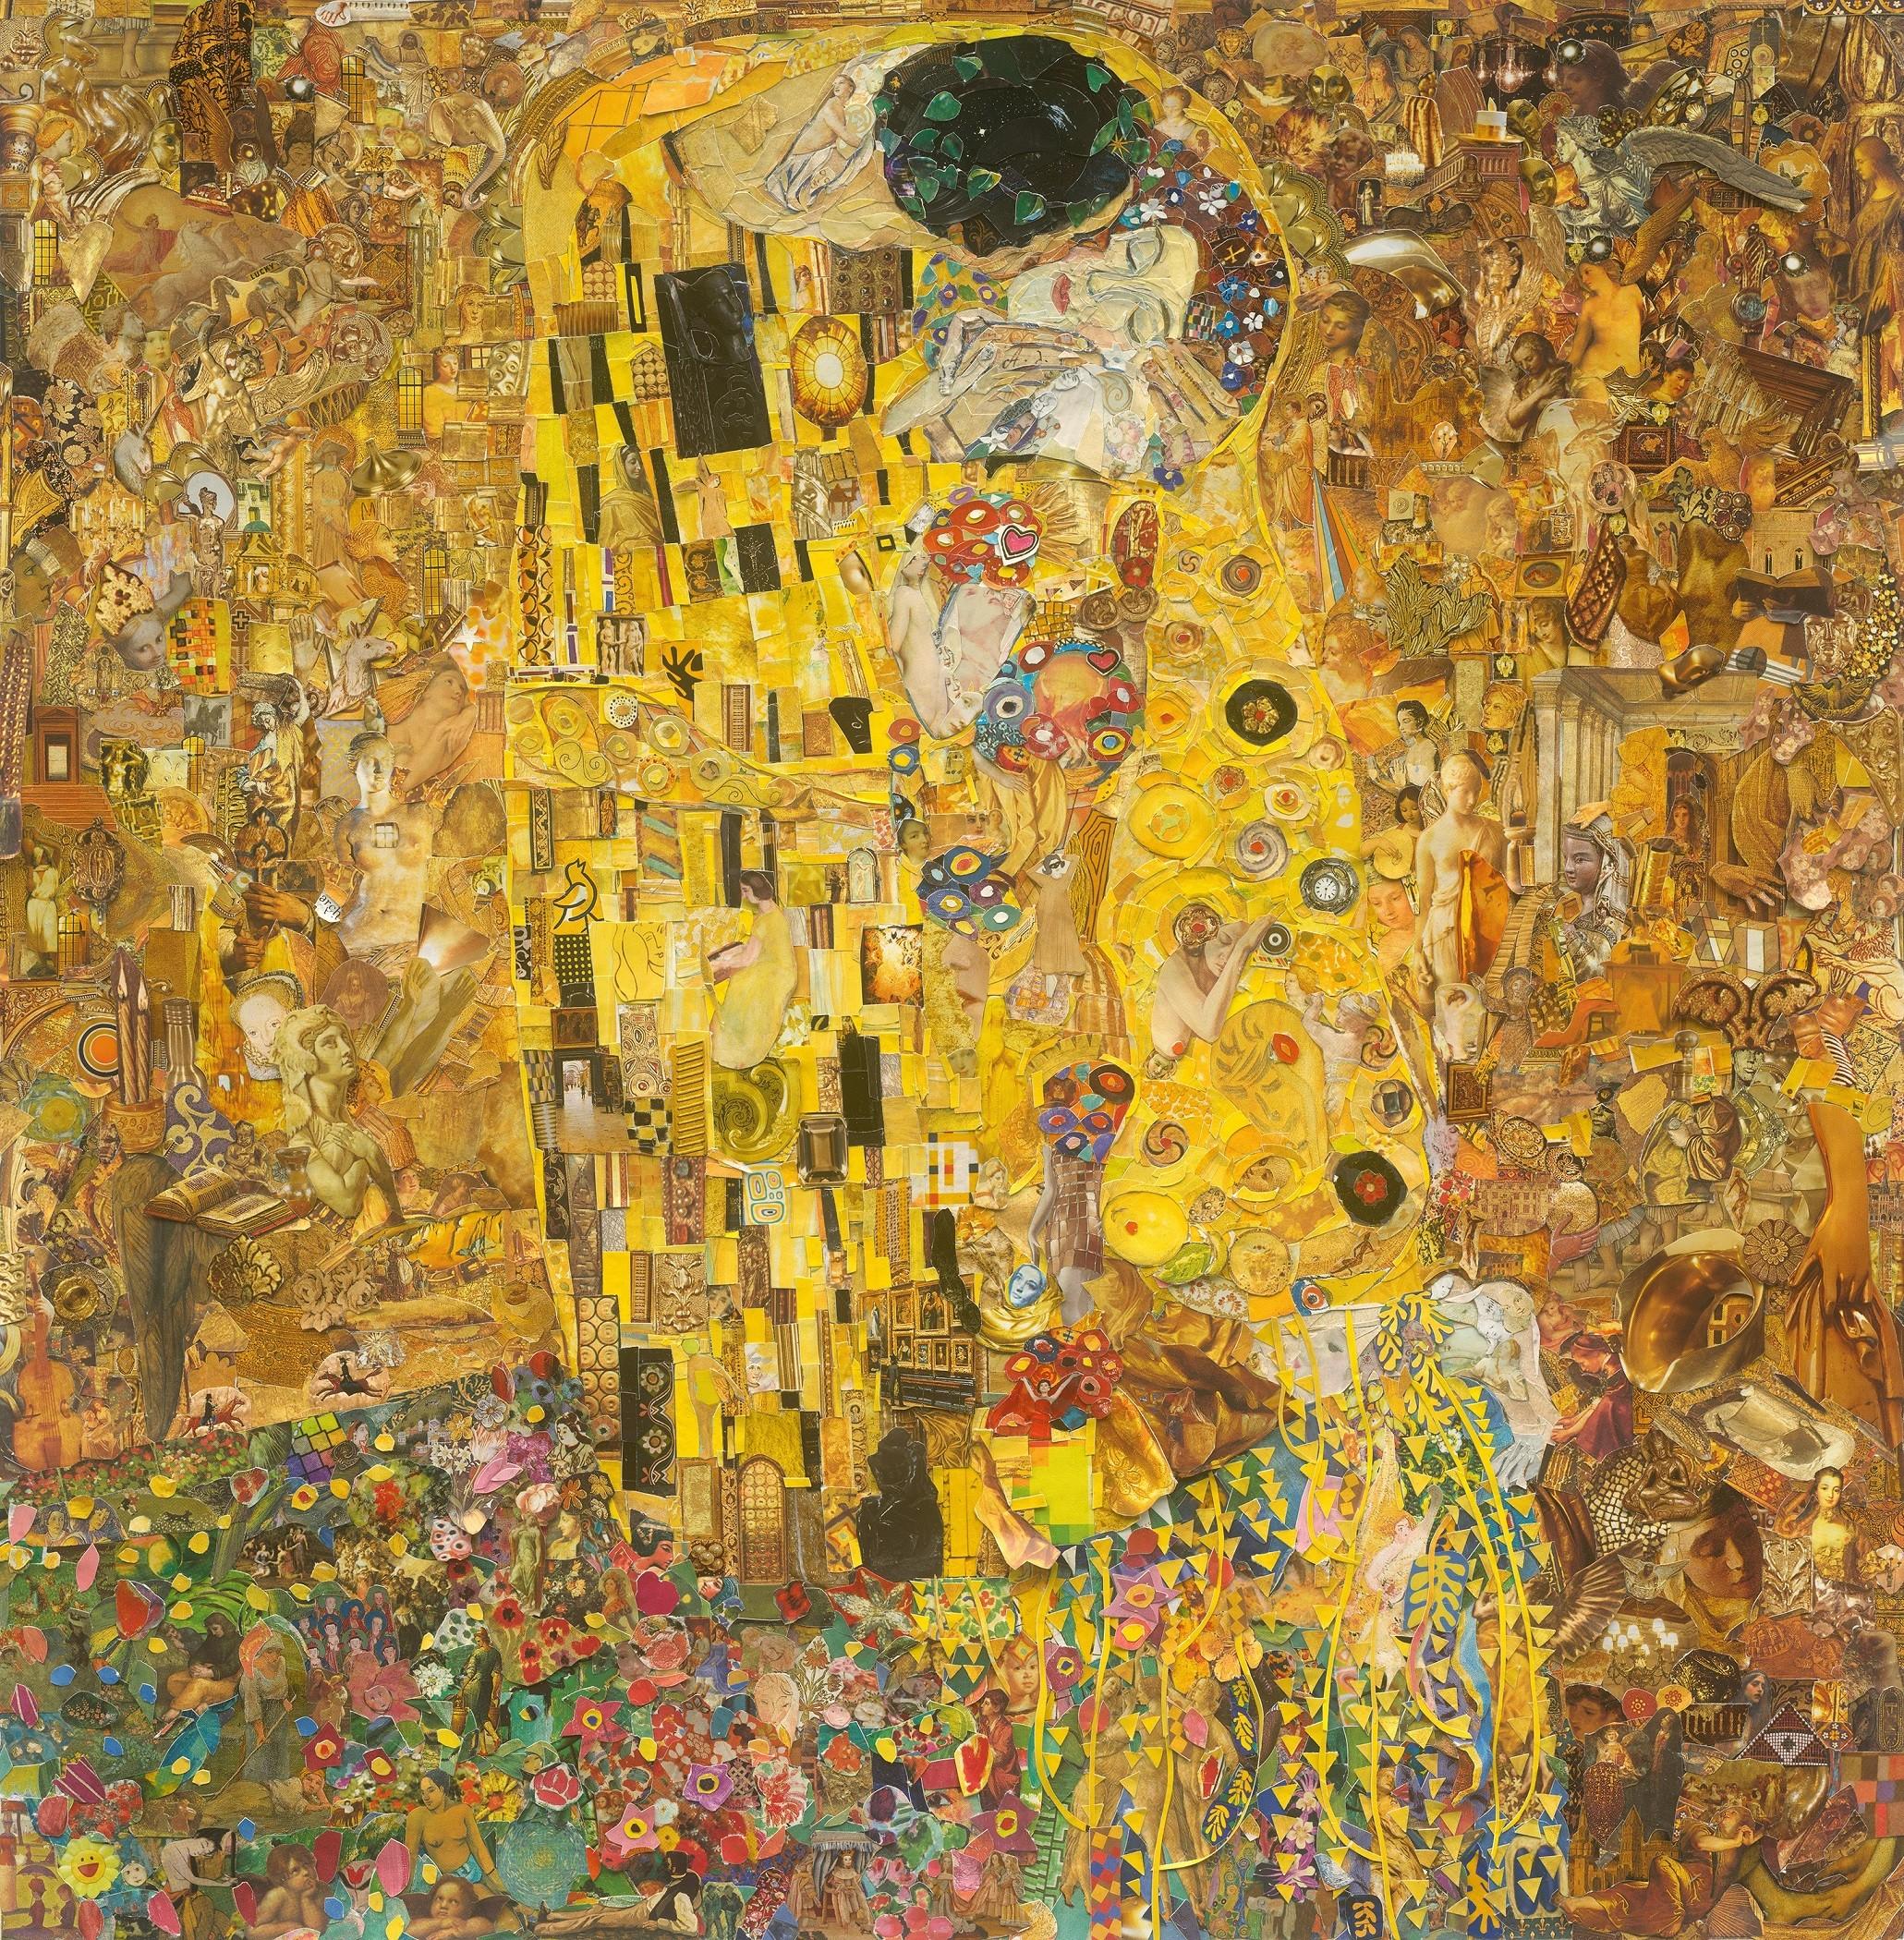 vik muniz belvedere museum the kiss after klimt repro art basel